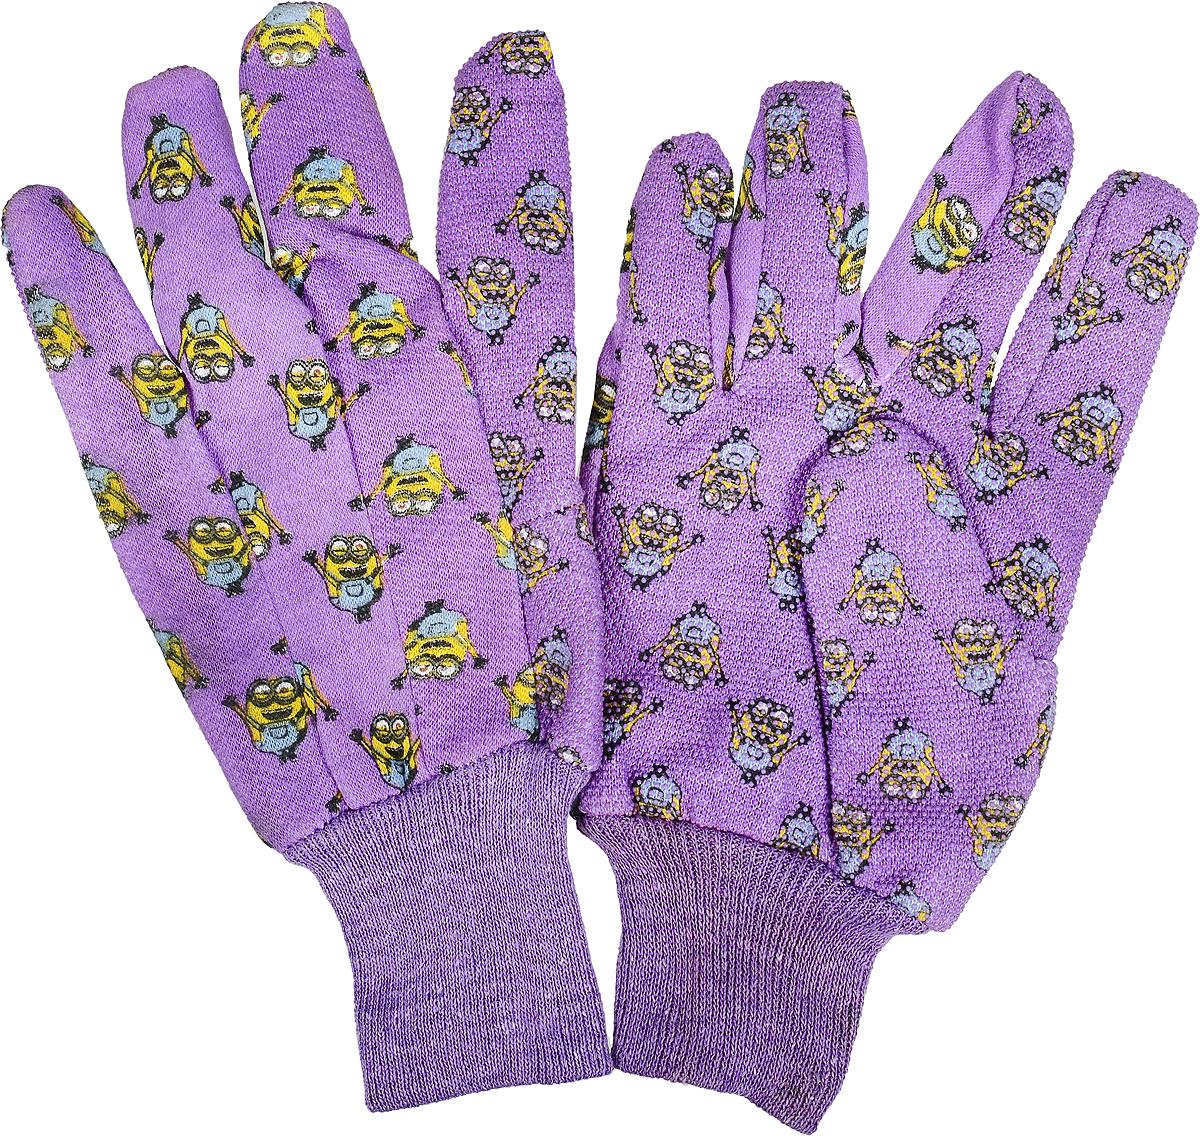 Перчатки садовые Garden Show Миньоны, трикотажные, цвет: сиреневый. Размер M (9)466325_сиреневыйПерчатки садовые Garden Show Миньоны выполнены из хлопка и полиэстера. Рабочая поверхность перчаток отделана поливинилхлоридом для надежного хвата. Эластичные манжеты надежно фиксируют перчатки на руке. Такие перчатки защитят руки от влаги, грязи и царапин при выполнении различных работ. Изделия дополнены красочным изображением миньонов.